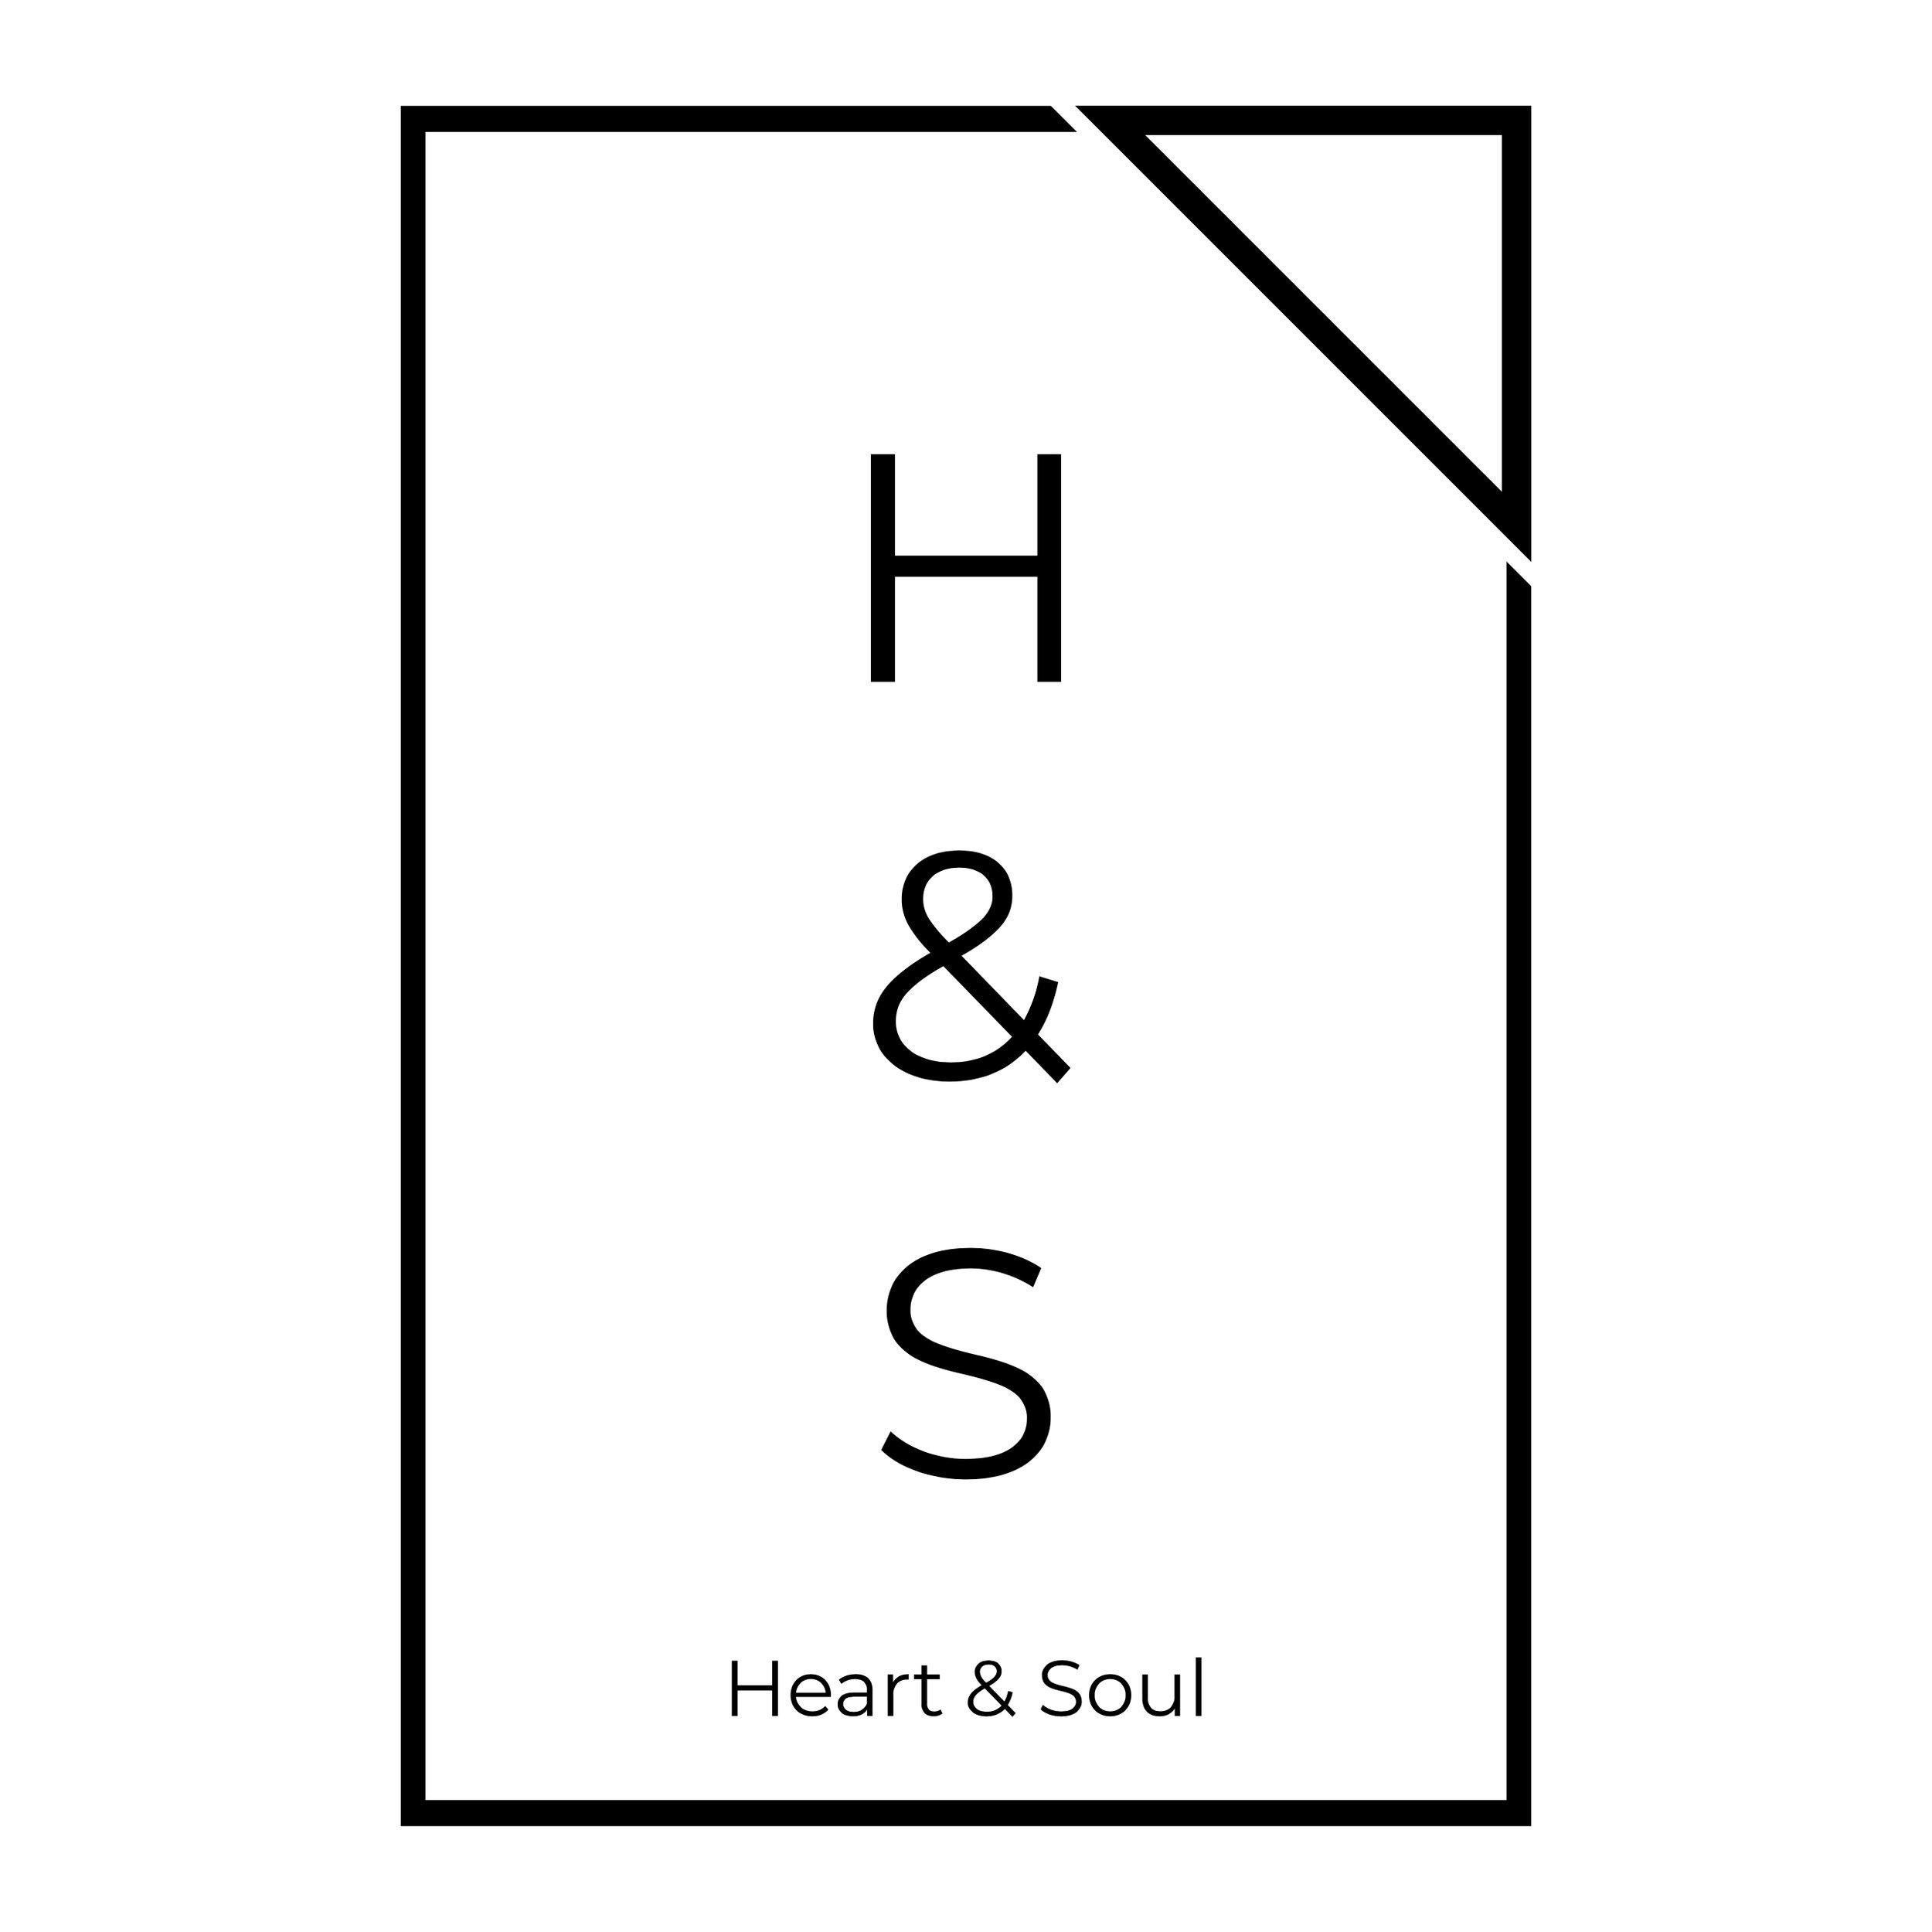 heart__soul.jpg